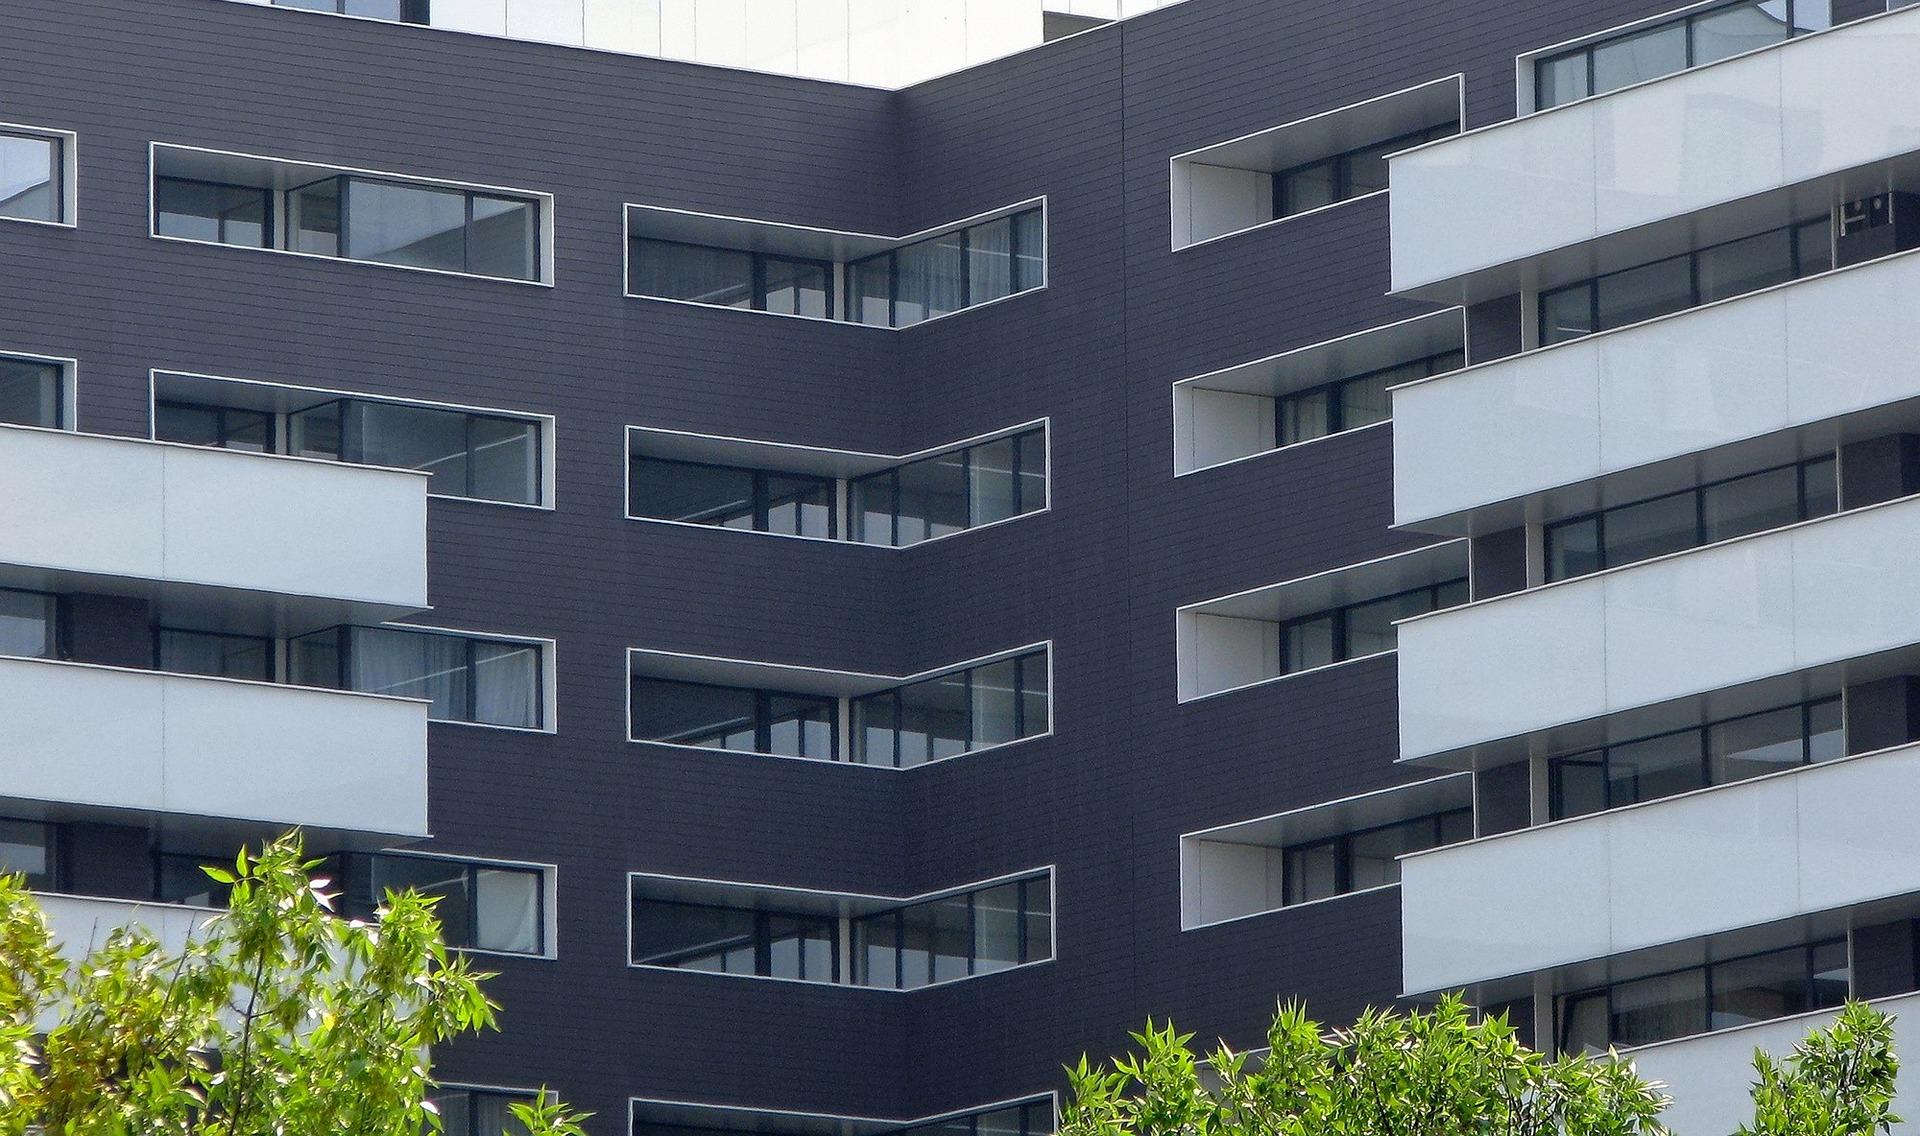 Hausumbau: altersgerecht und barrierefrei wohnen - Wir bauen Ihr Haus um - Termin Bau Halle - Ihre Baufirma in Halle und Leipzig